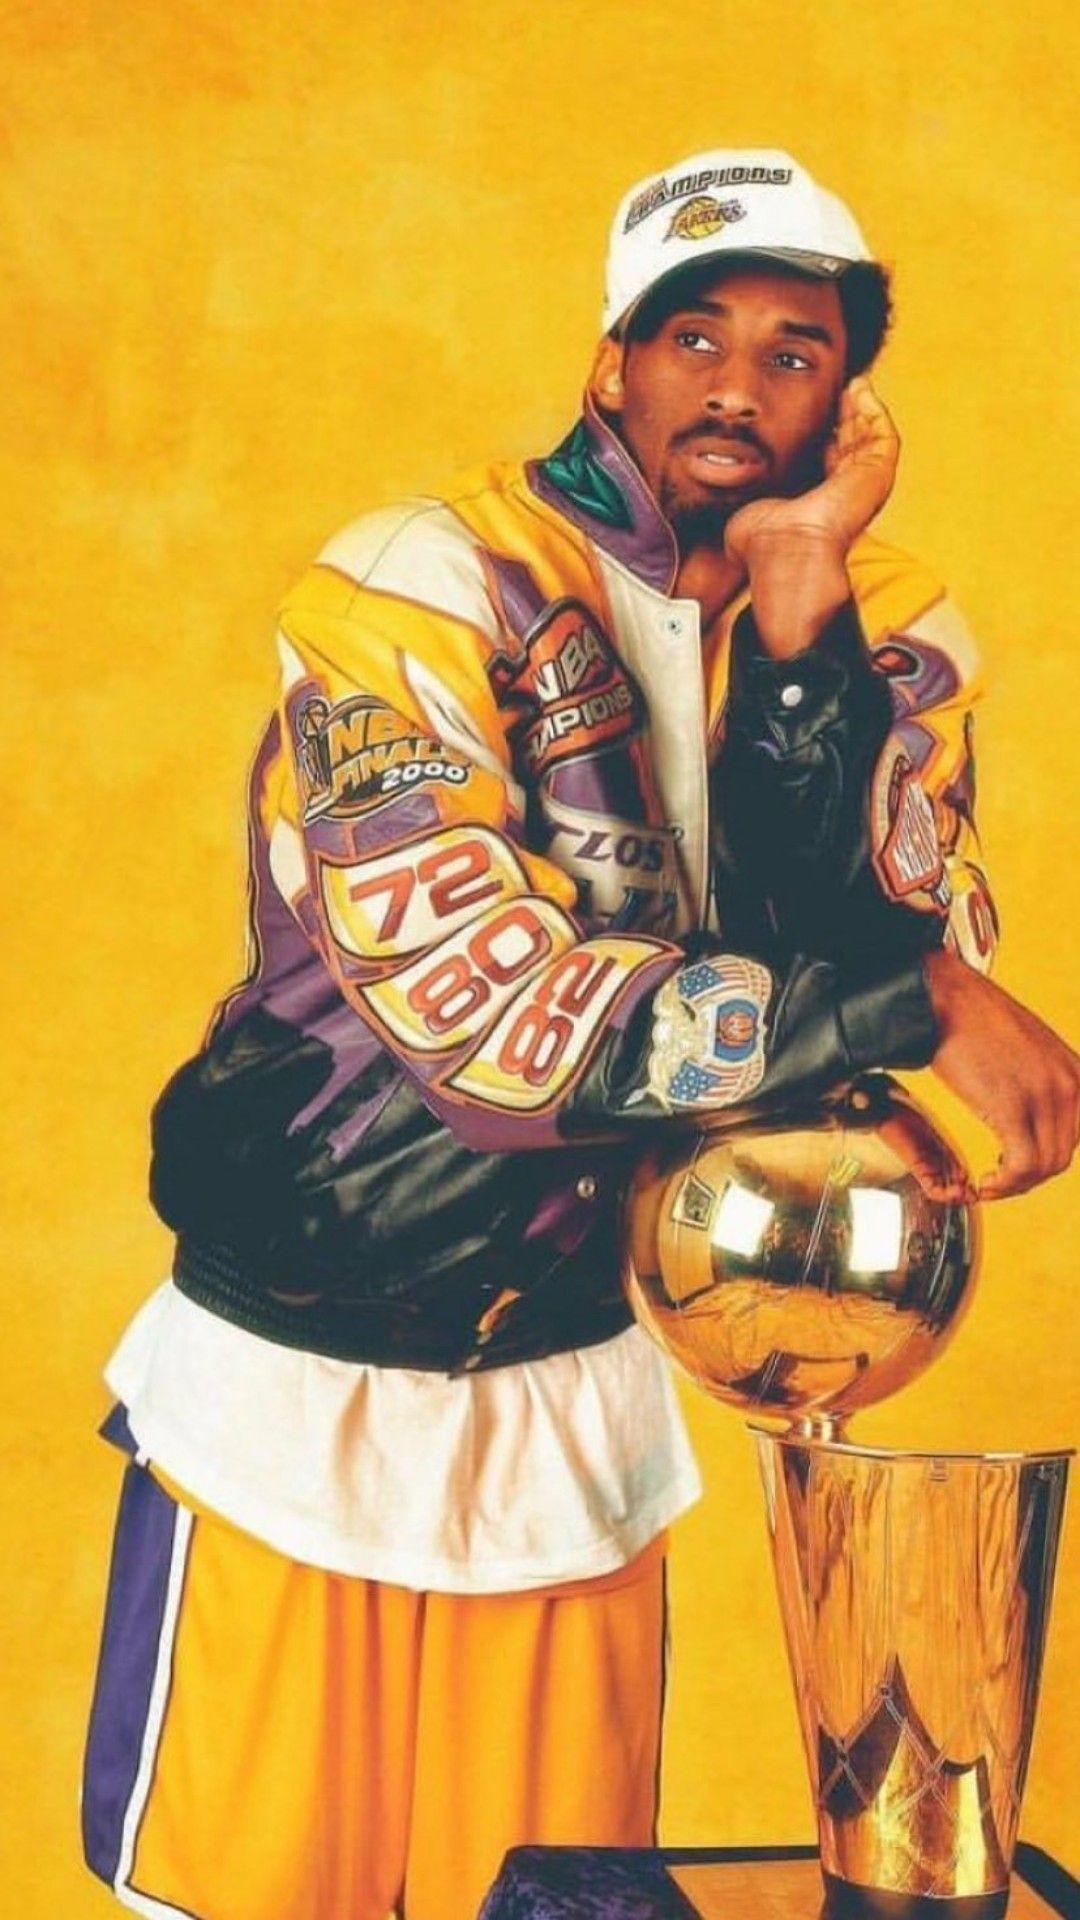 Kobe Bryant Kobe Bryant Wallpaper Kobe Bryant Pictures Kobe Bryant